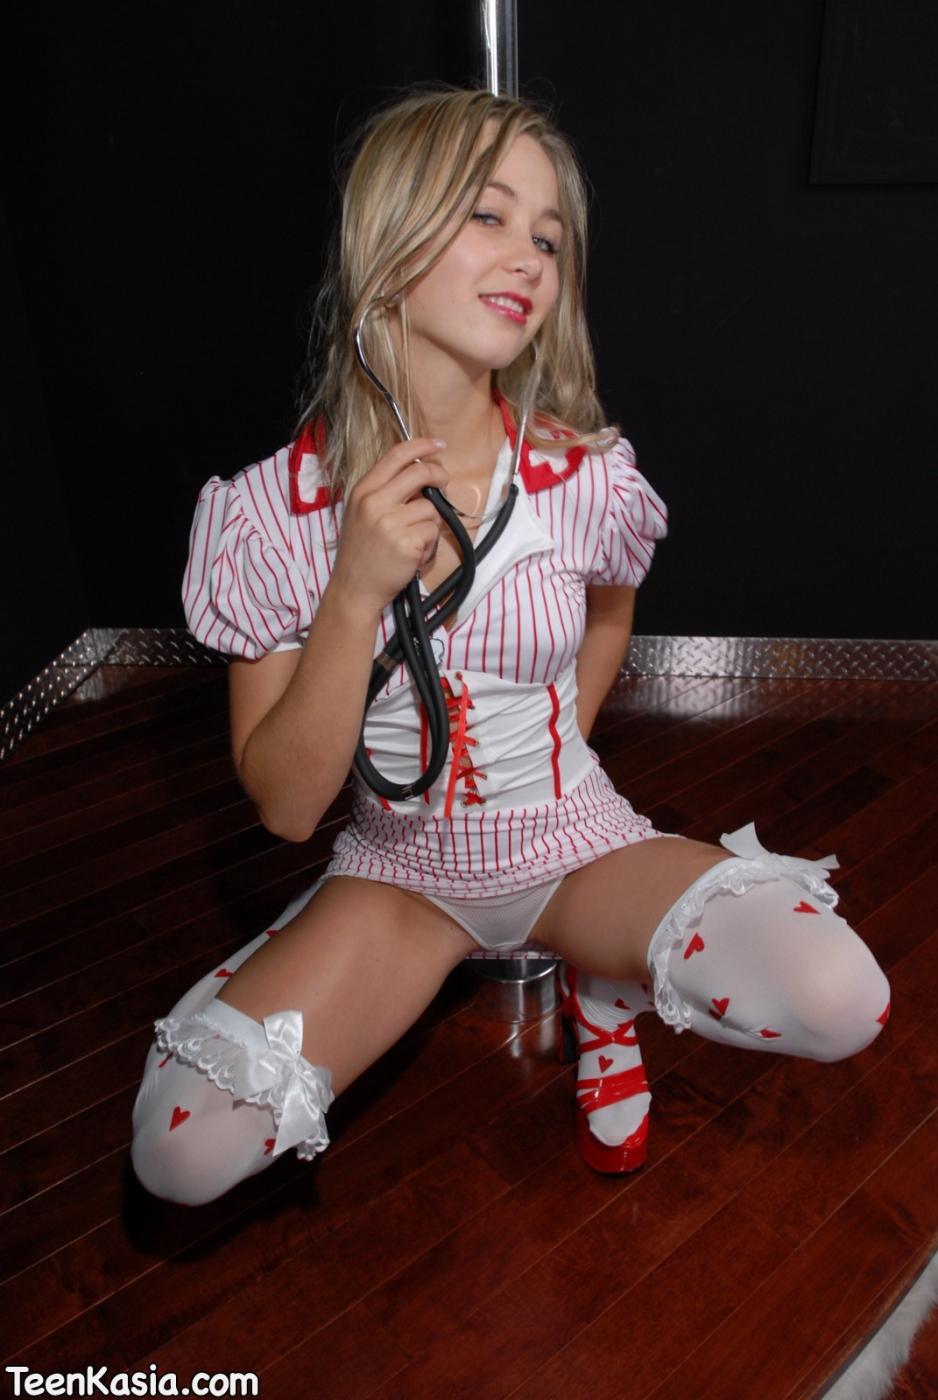 Тугая выбритая киска стриптизерши Teen Kasia в тяжелых туфлях обнажается из под униформы